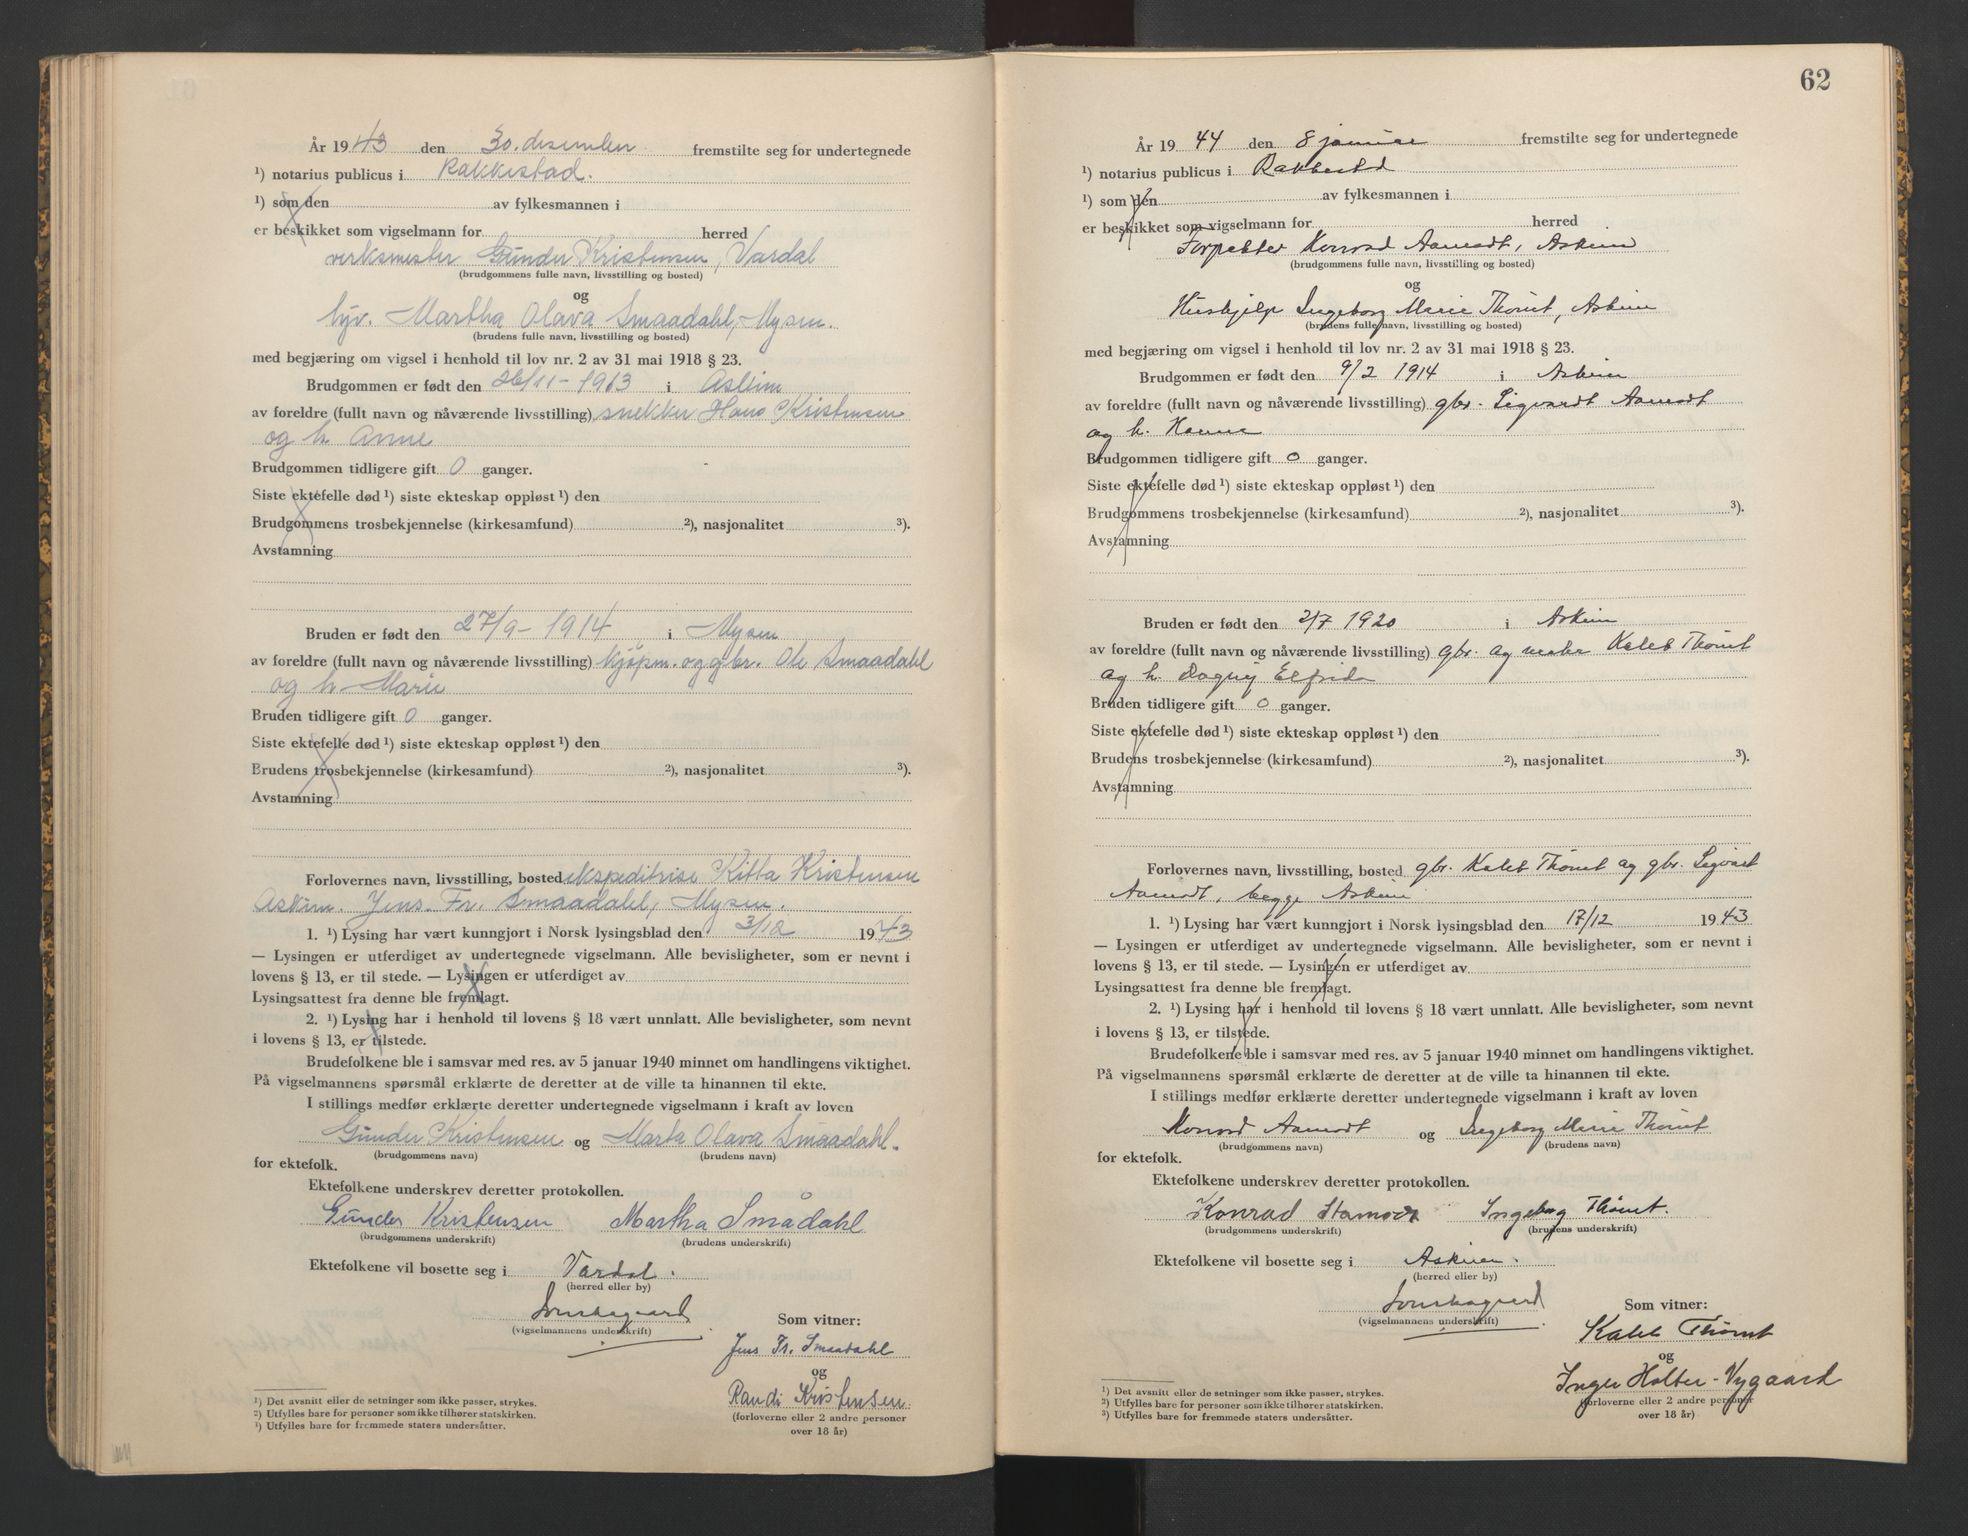 SAO, Rakkestad sorenskriveri, L/Lc/Lca/L0003: Vigselbøker, 1943-1944, s. 62